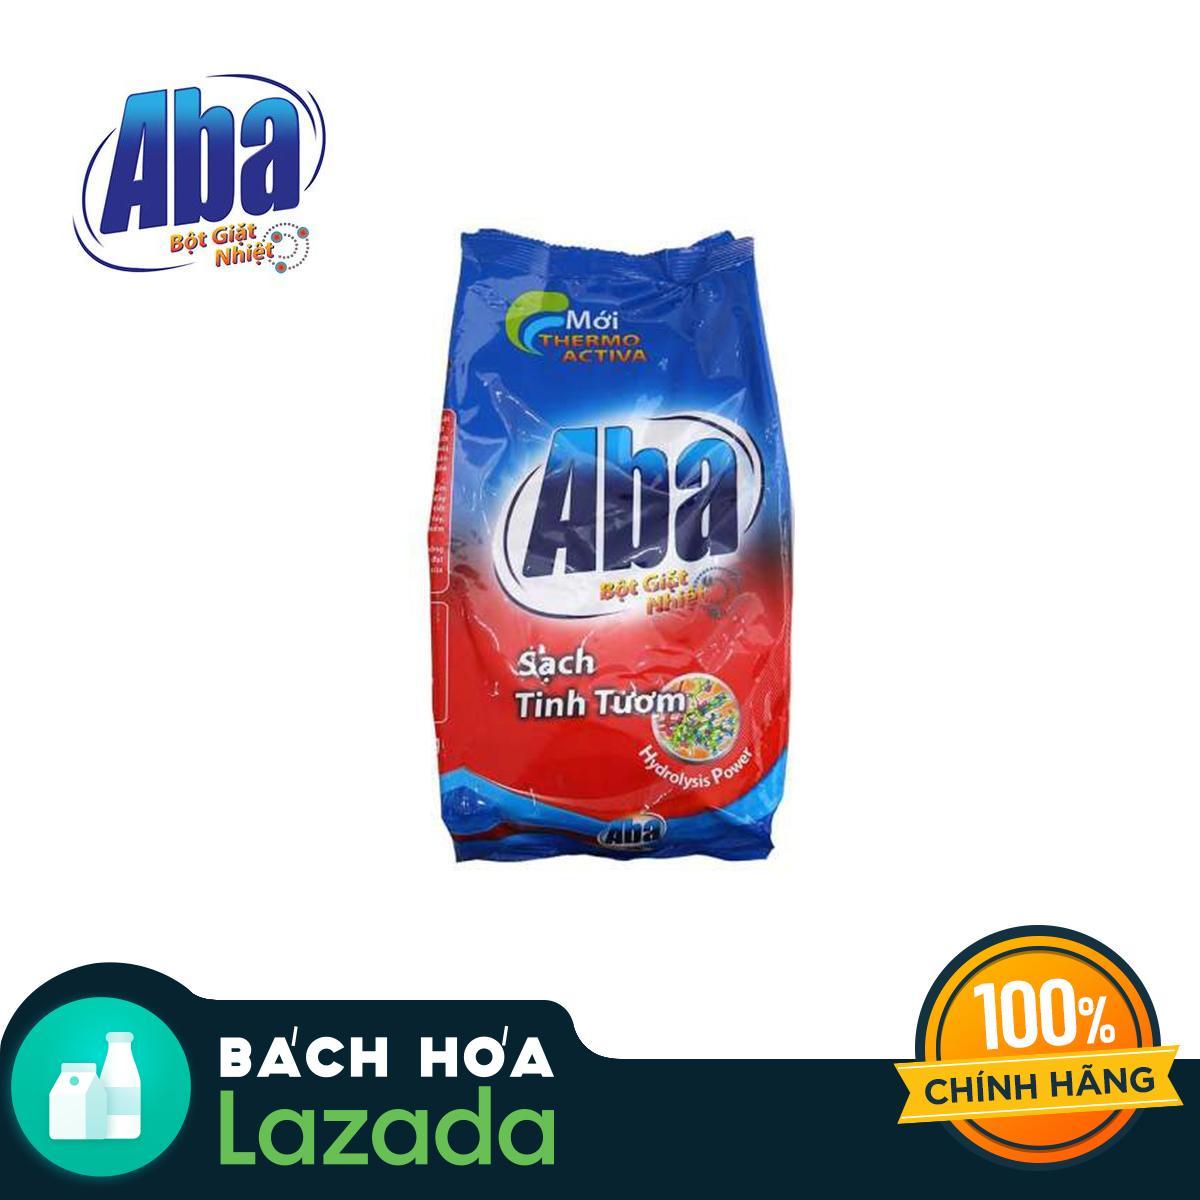 Bột Giặt Nhiệt Aba Sạch Tinh Tươm 1.5kg Siêu Khuyến Mãi